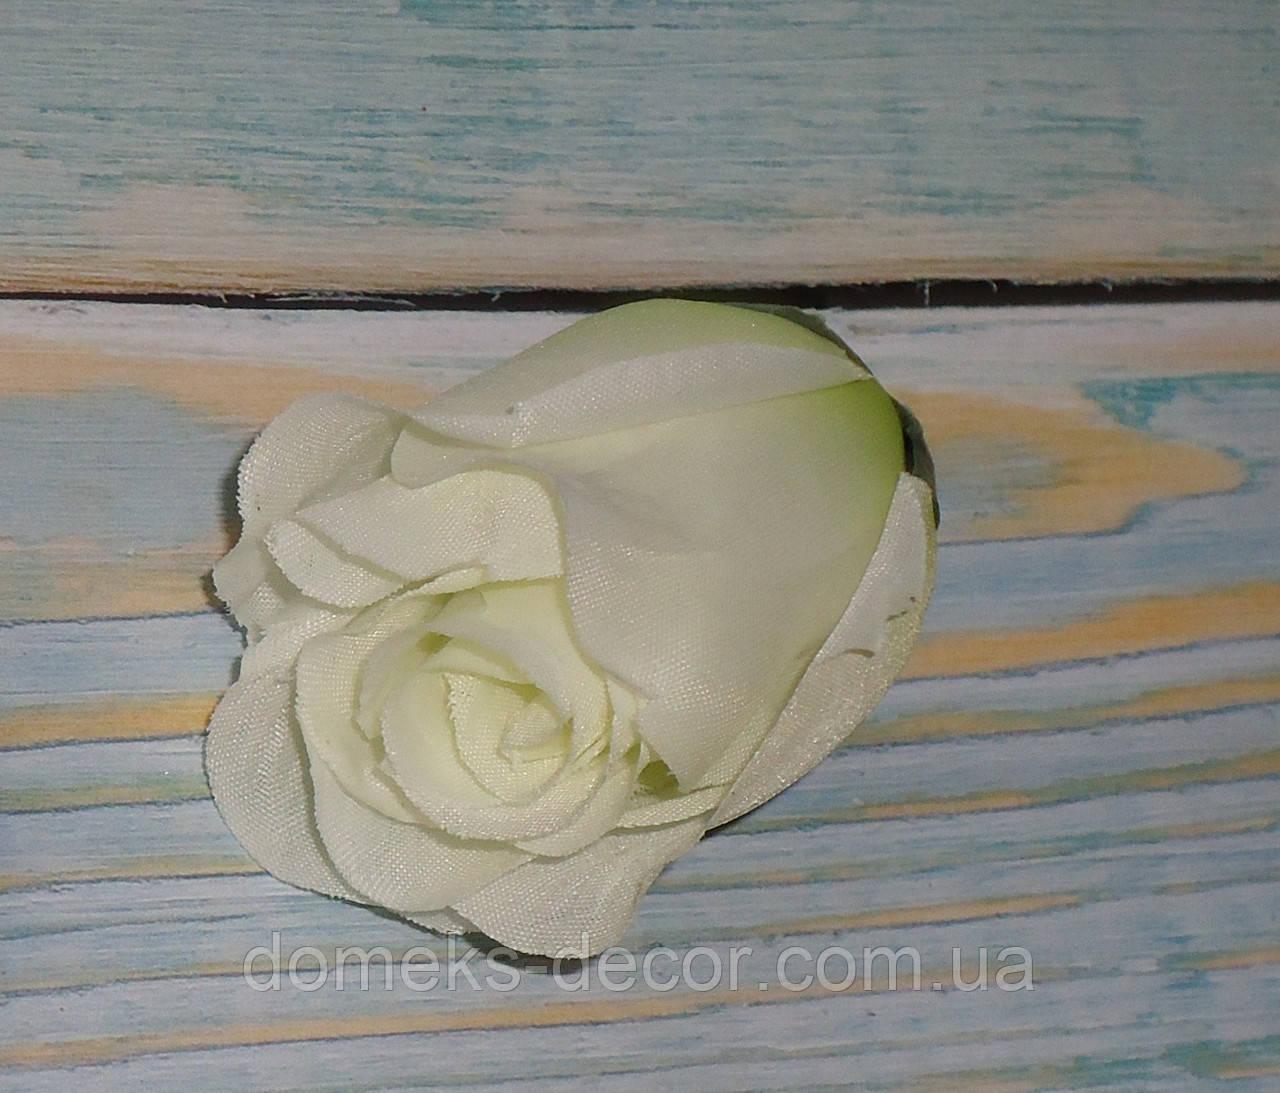 Головка розы белой, фото 1